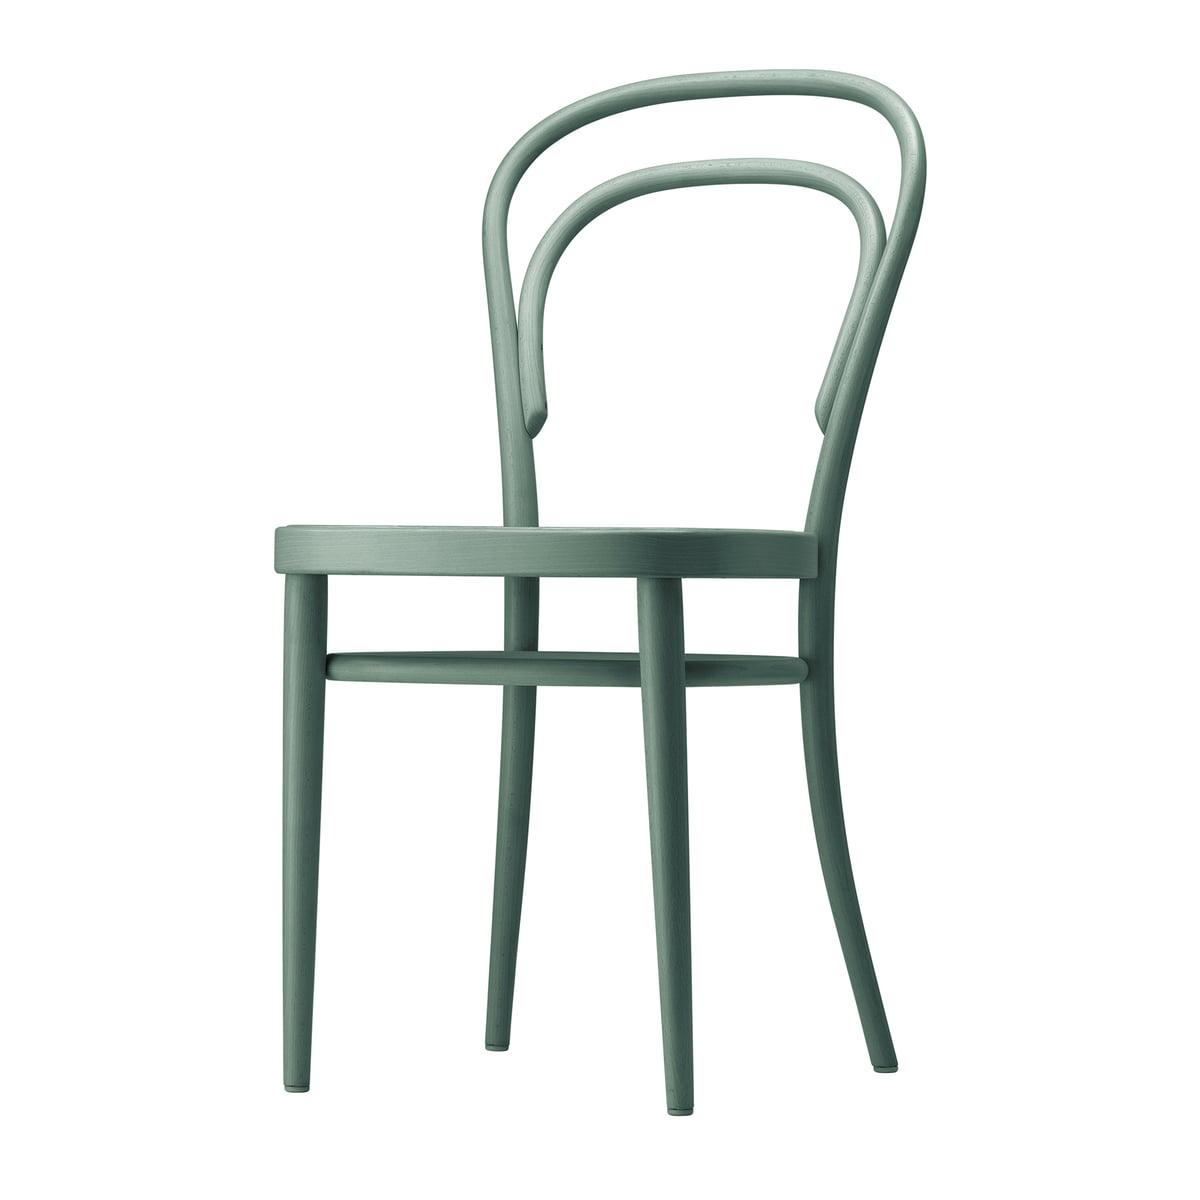 Thonet - 214 M Bugholzstuhl, Muldensitz Formsperrholz / Buche graugrün gebeizt (TP 269) | Küche und Esszimmer > Stühle und Hocker > Holzstühle | Graugrün | Thonet